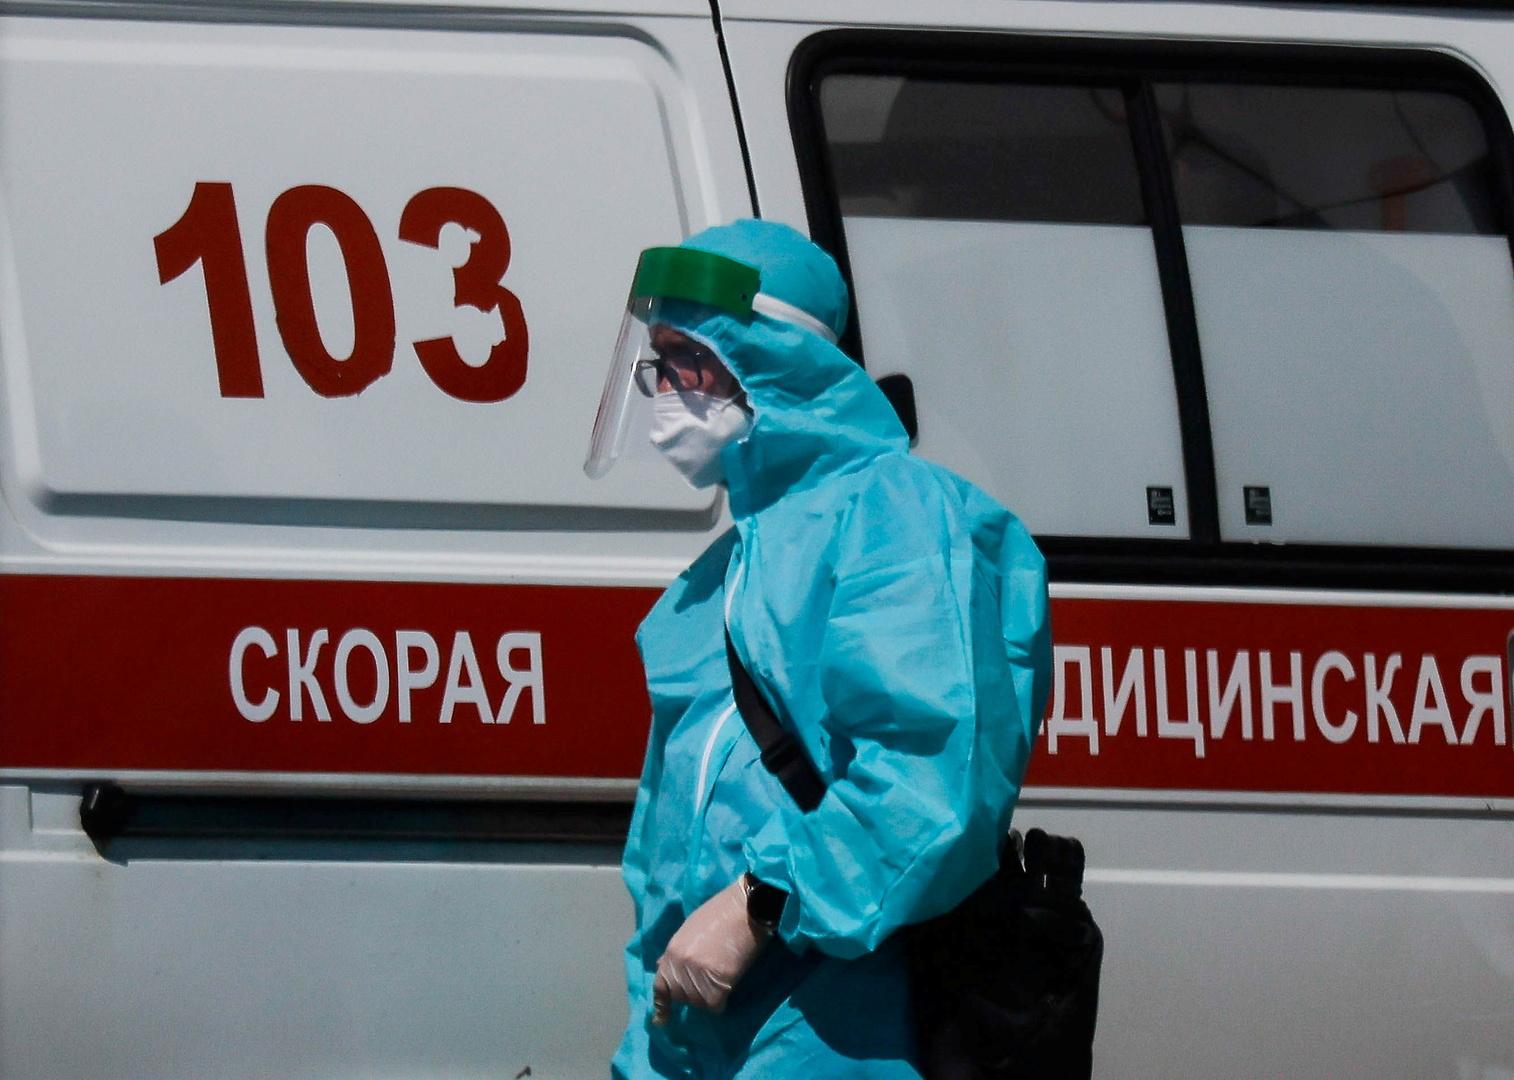 حوالي 90% من الإصابات بفيروس كورونا في روسيا من سلالة